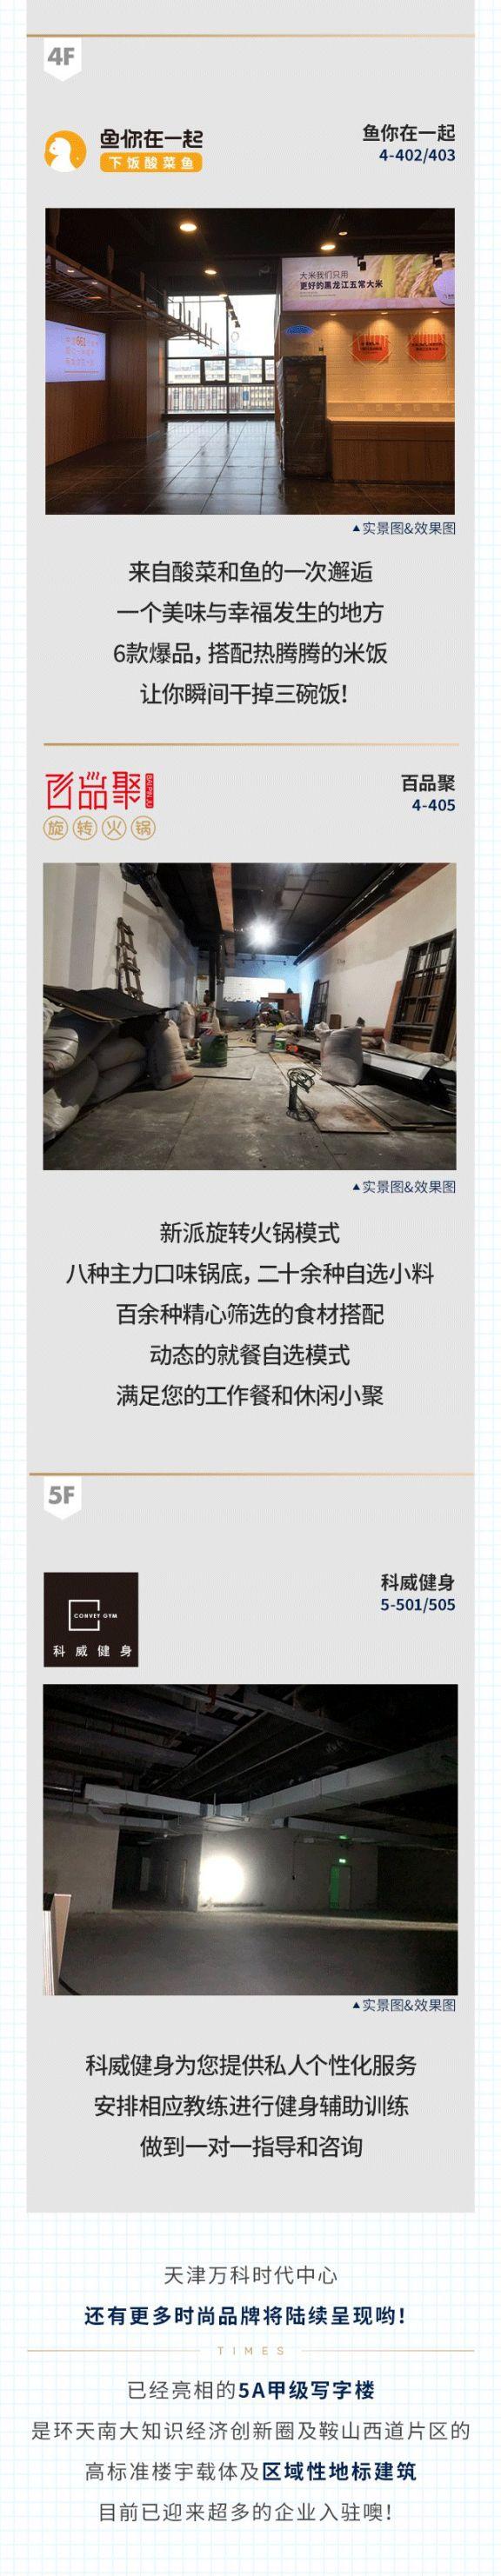 天津市南开区万科时代中心商场什么时候开业